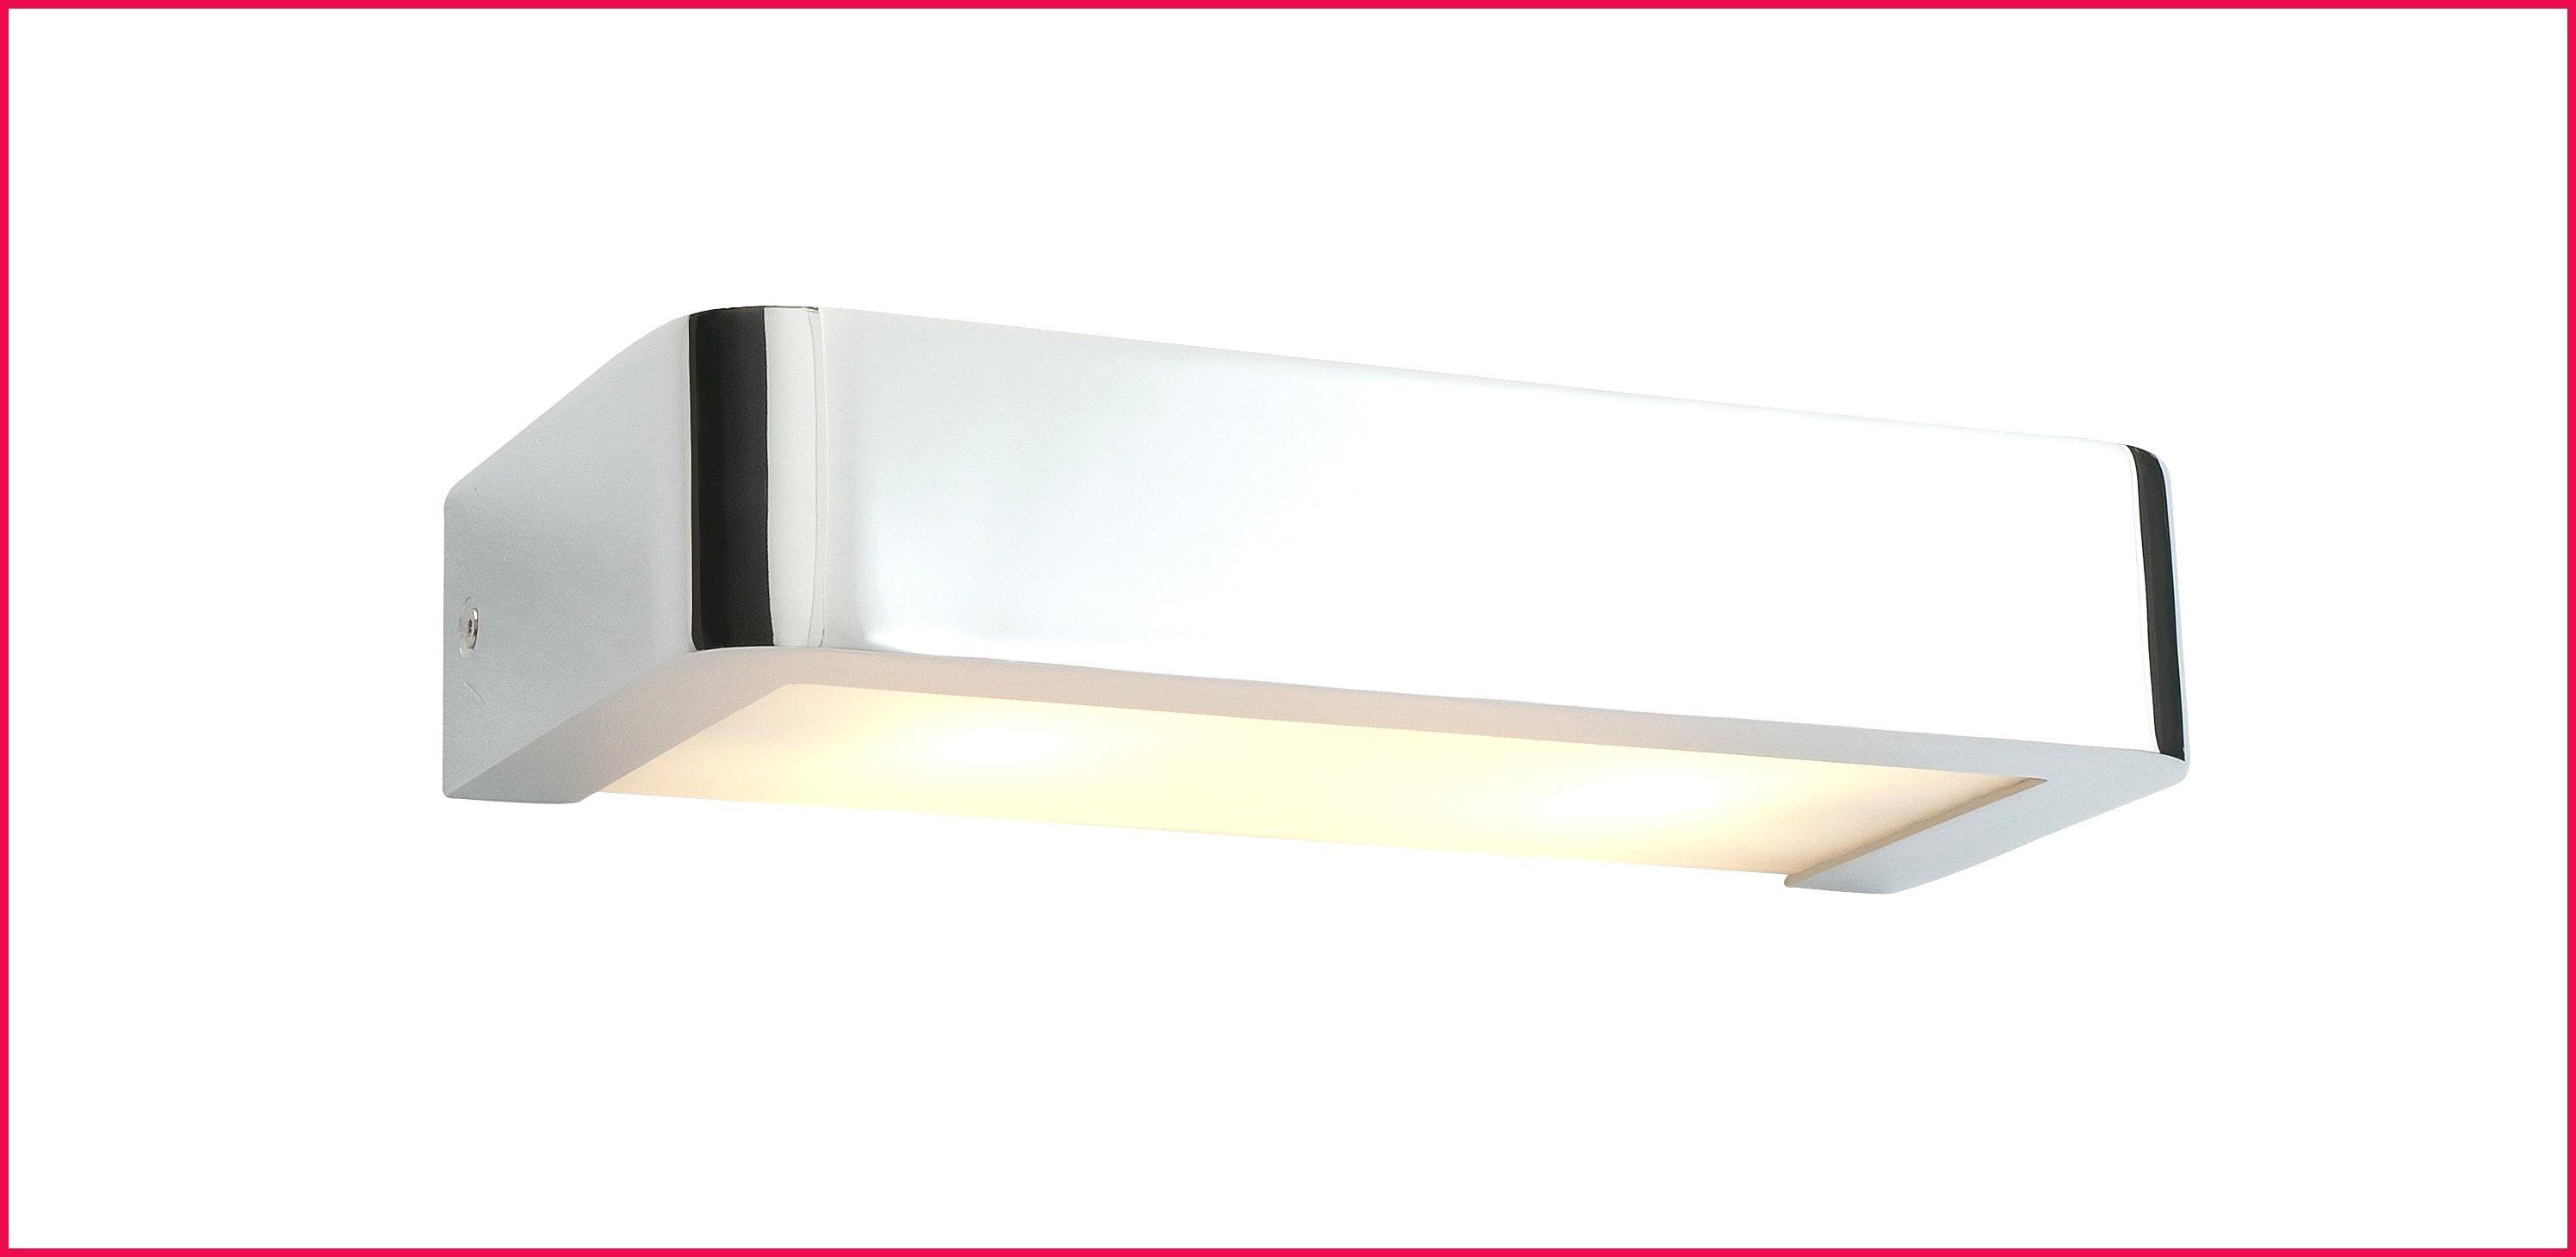 Applique murale castorama pas cher - Idée de luminaire et lampe maison